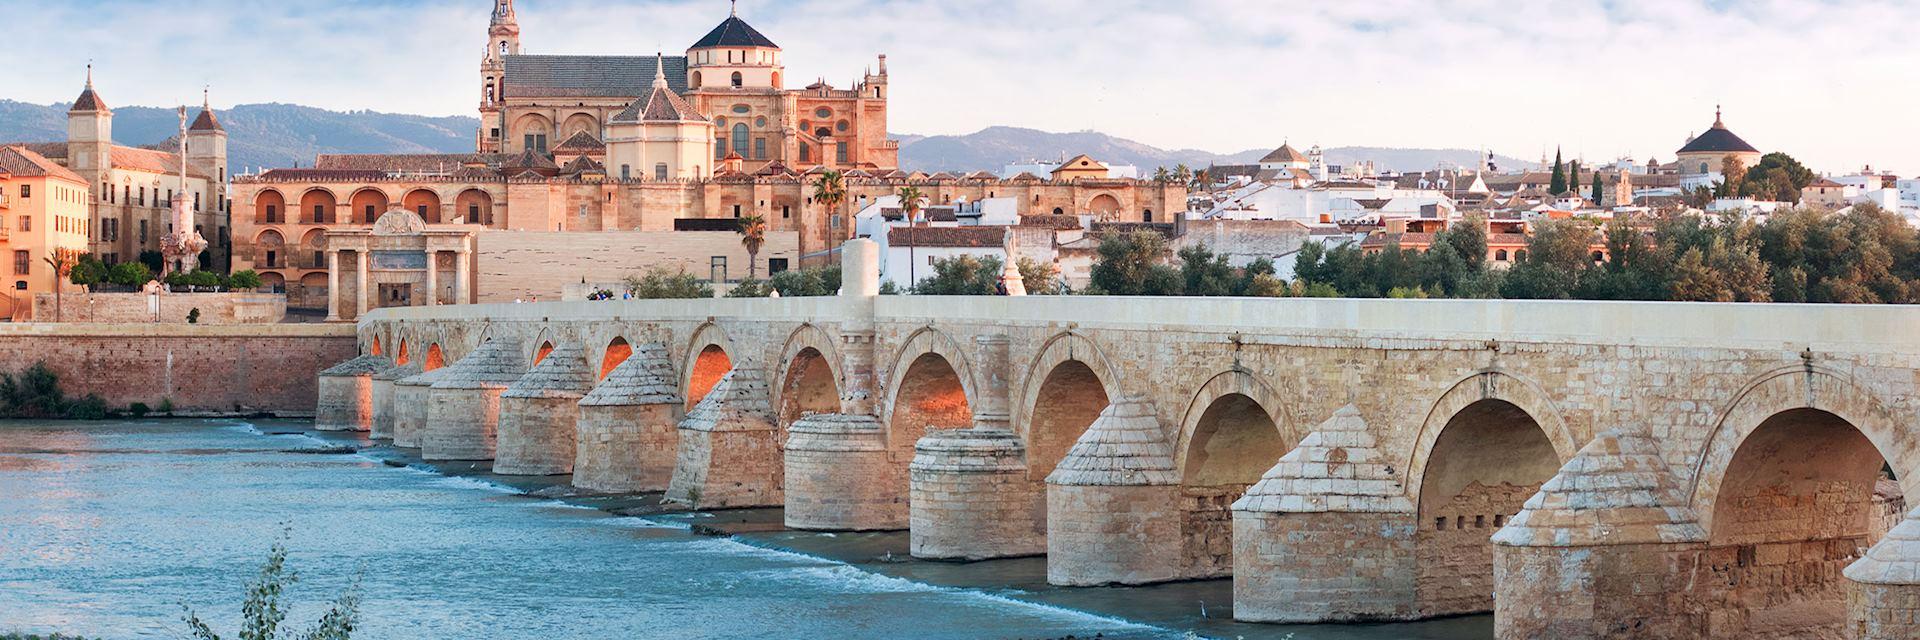 Roman Bridge and Guadalquivir river, Great Mosque, Cordoba